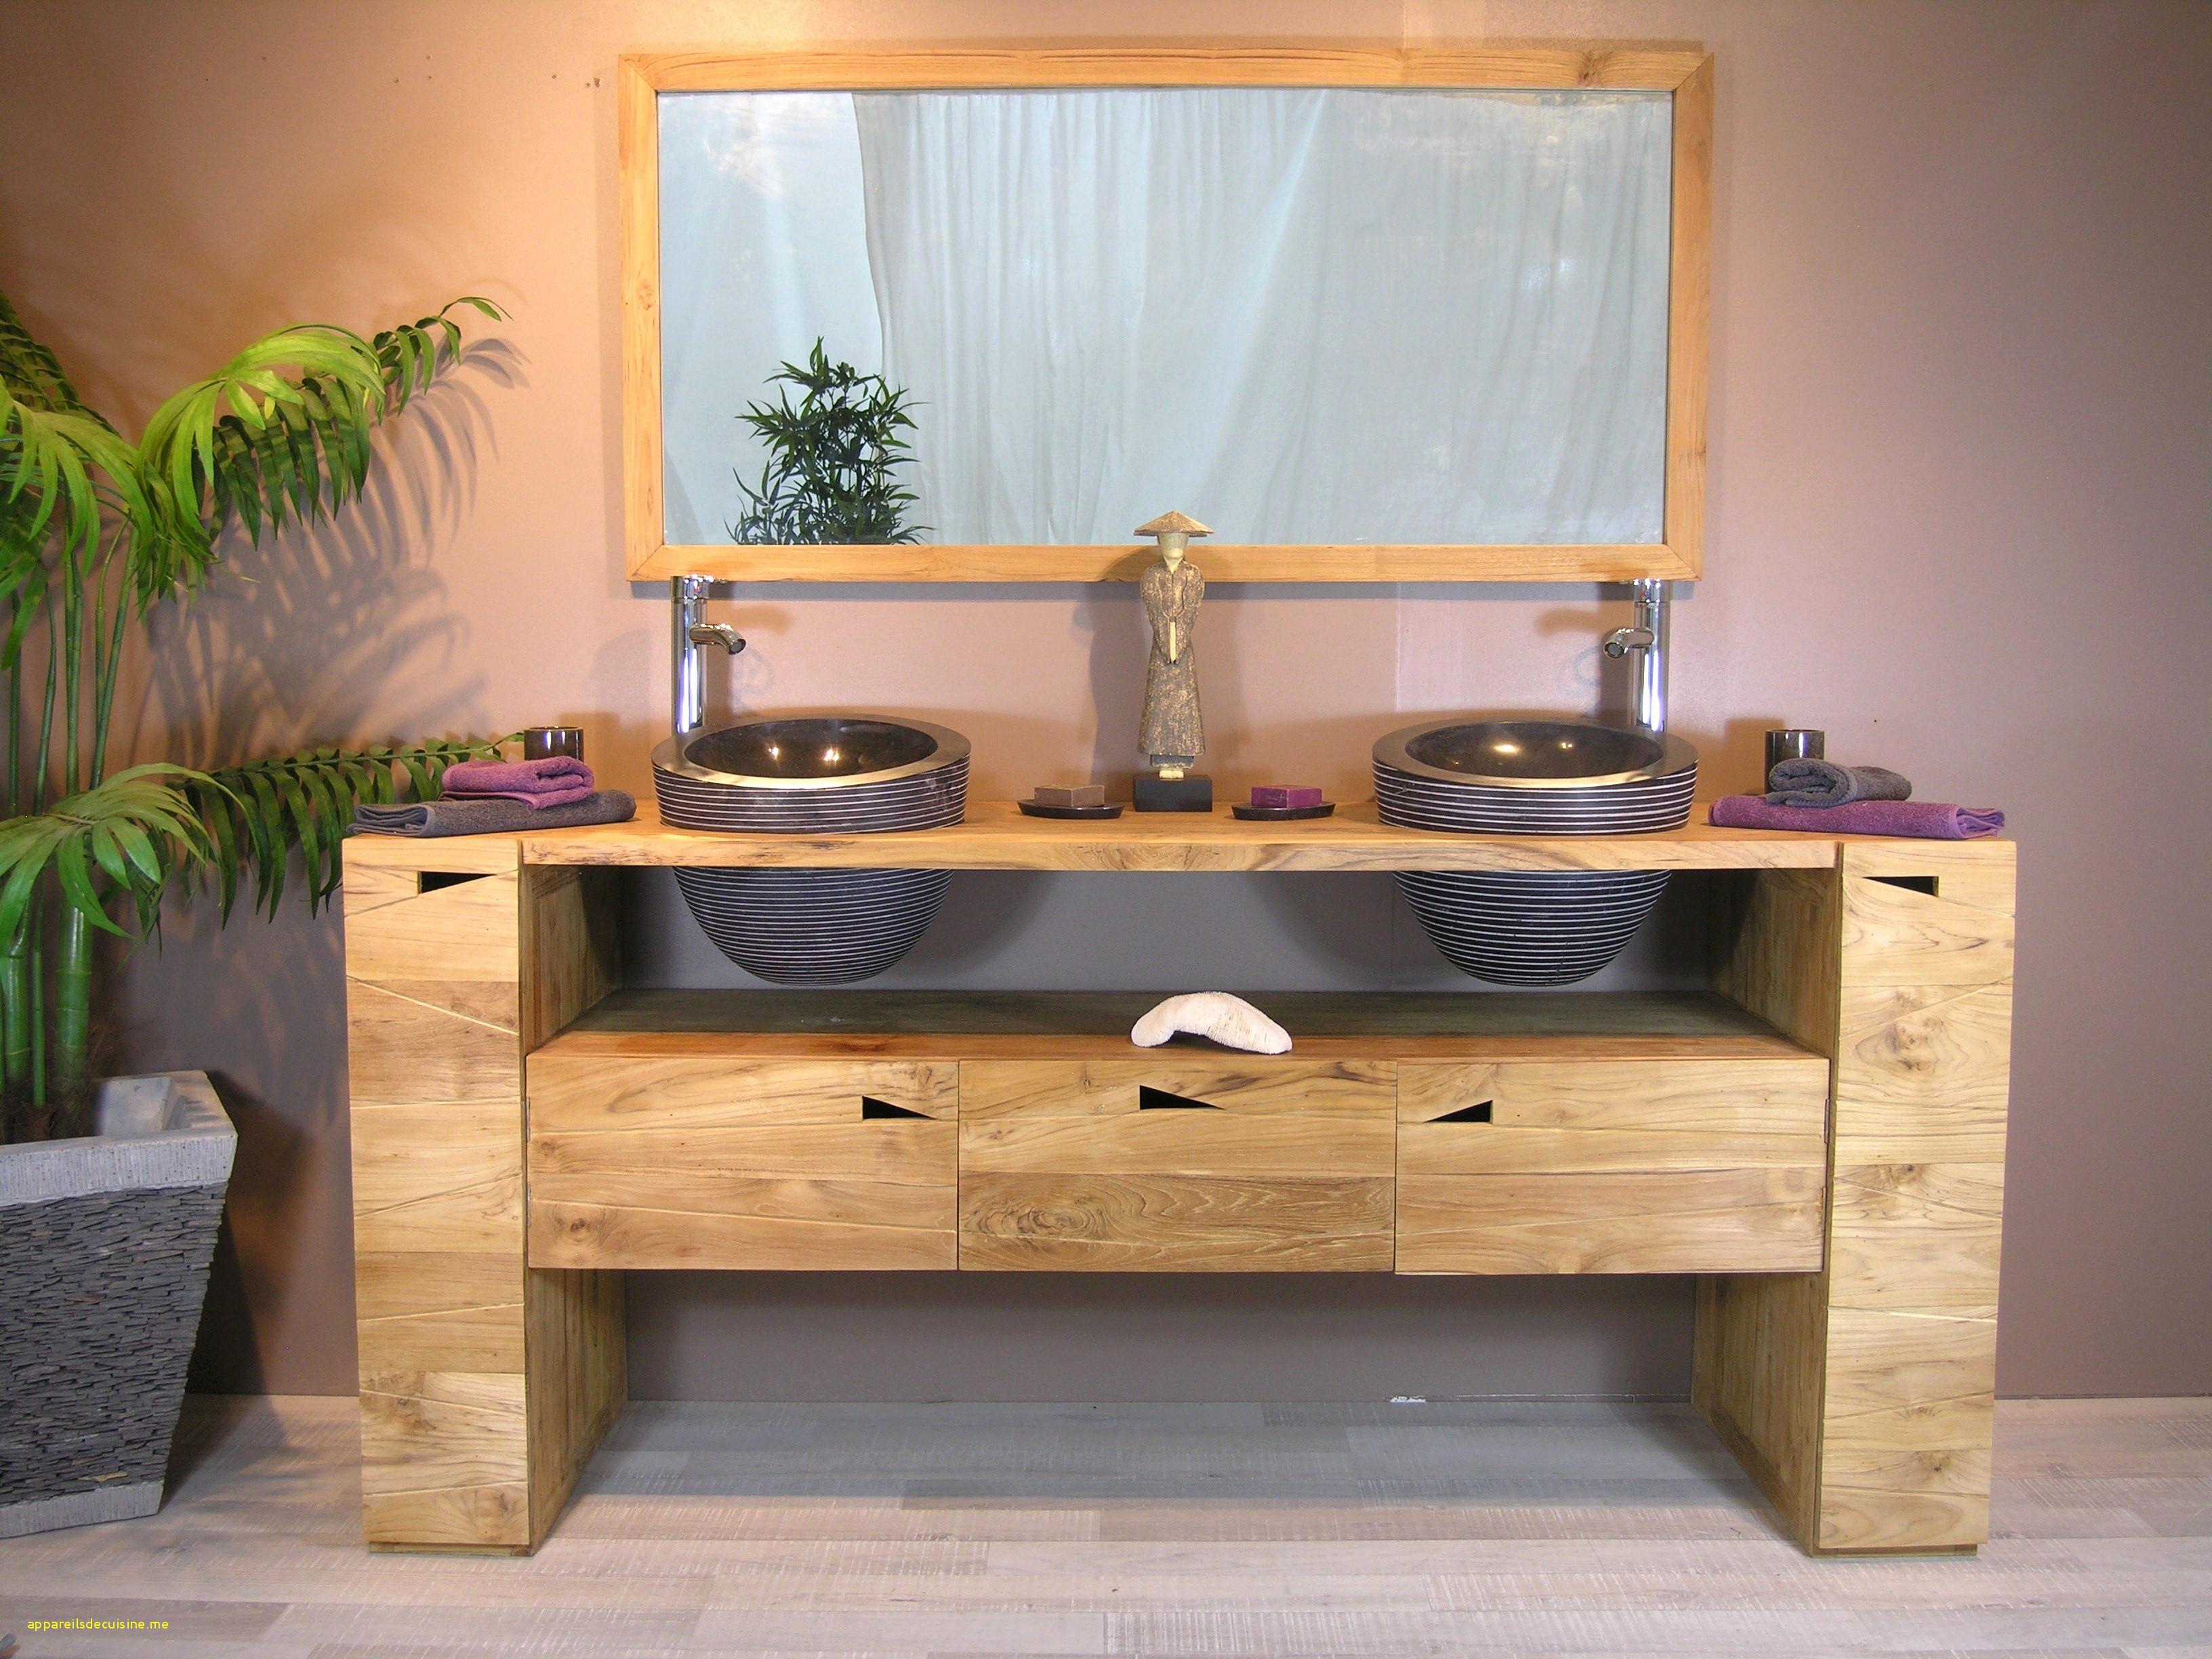 Fabriquer Meuble Salle De Bain Pas Cher Luxe Photographie Meuble En Teck Salle De Bain 35 Double Vasque Bois Ikea